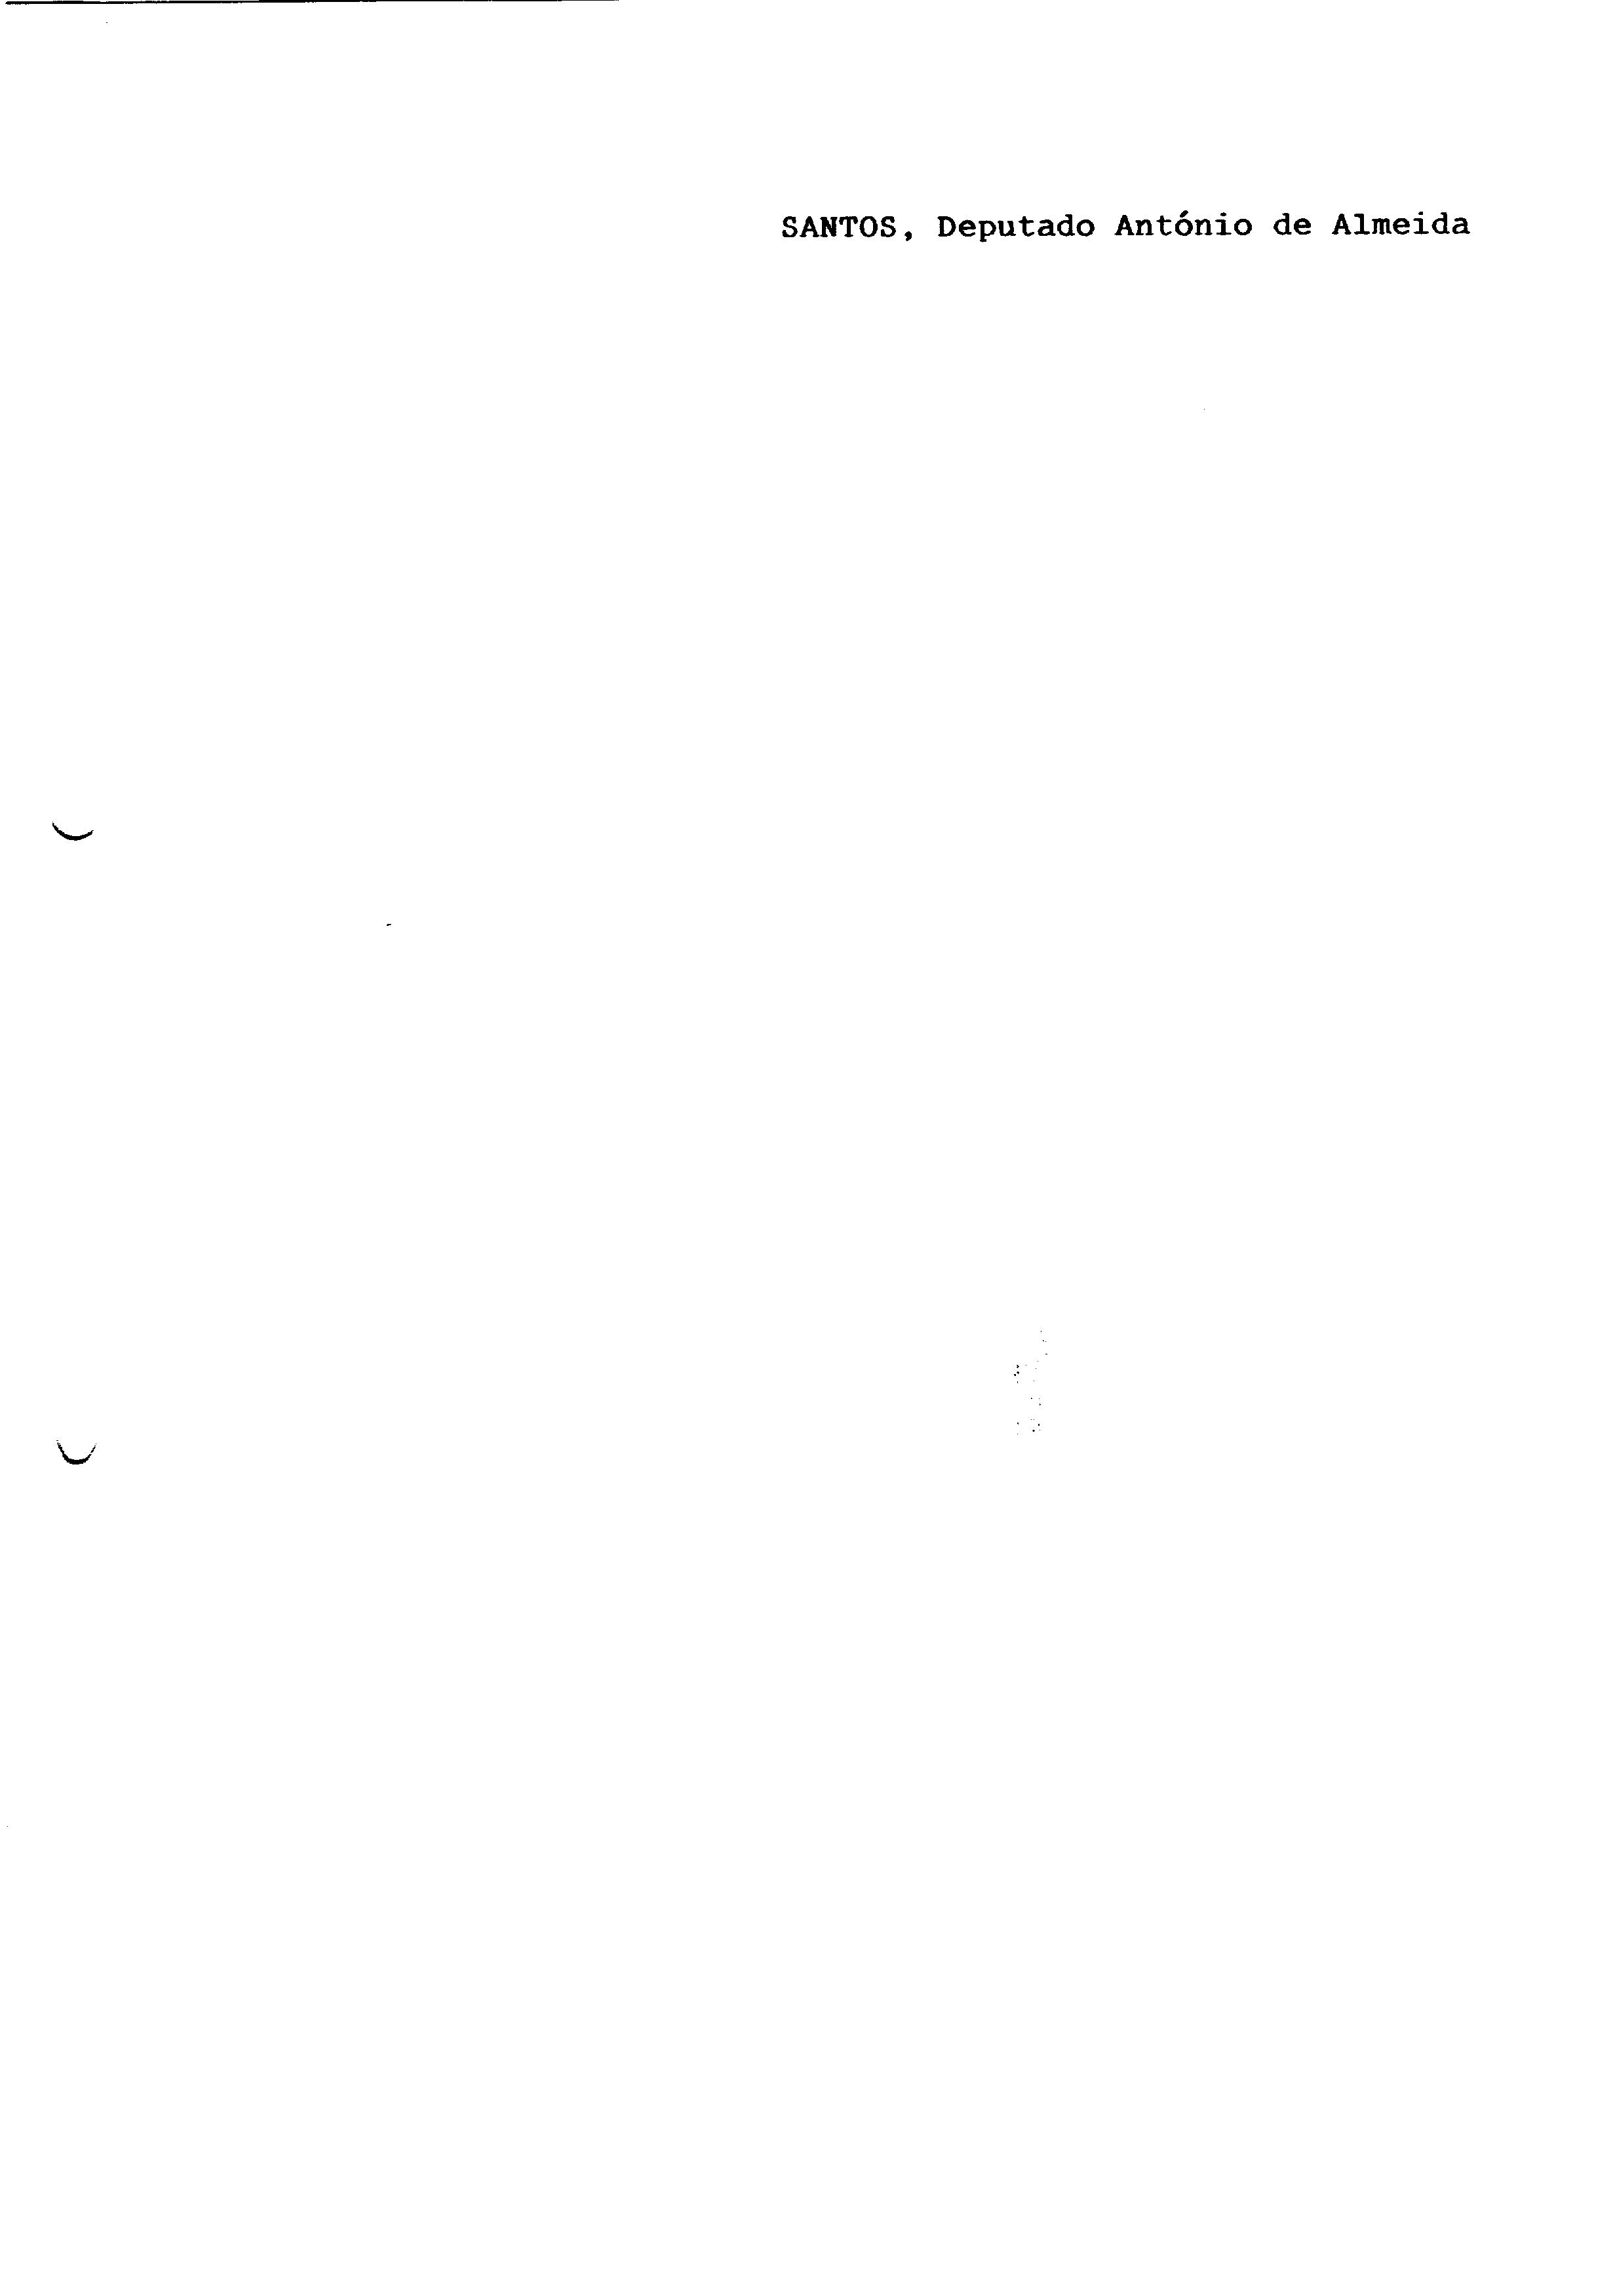 01907.029- pag.1